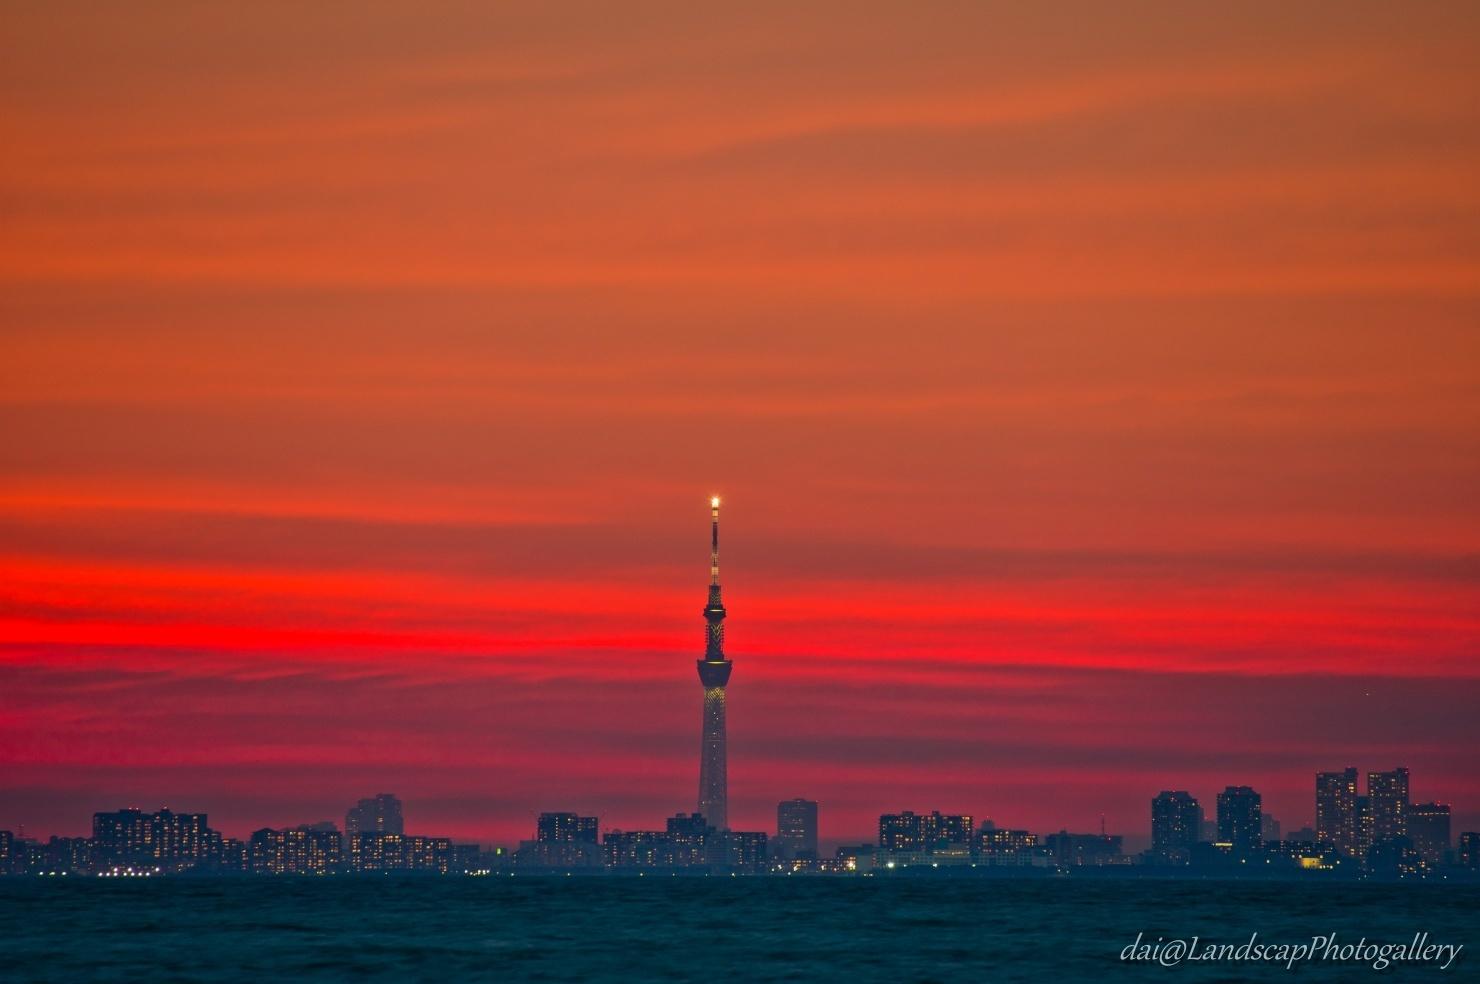 東京スカイツリーと夕焼け空